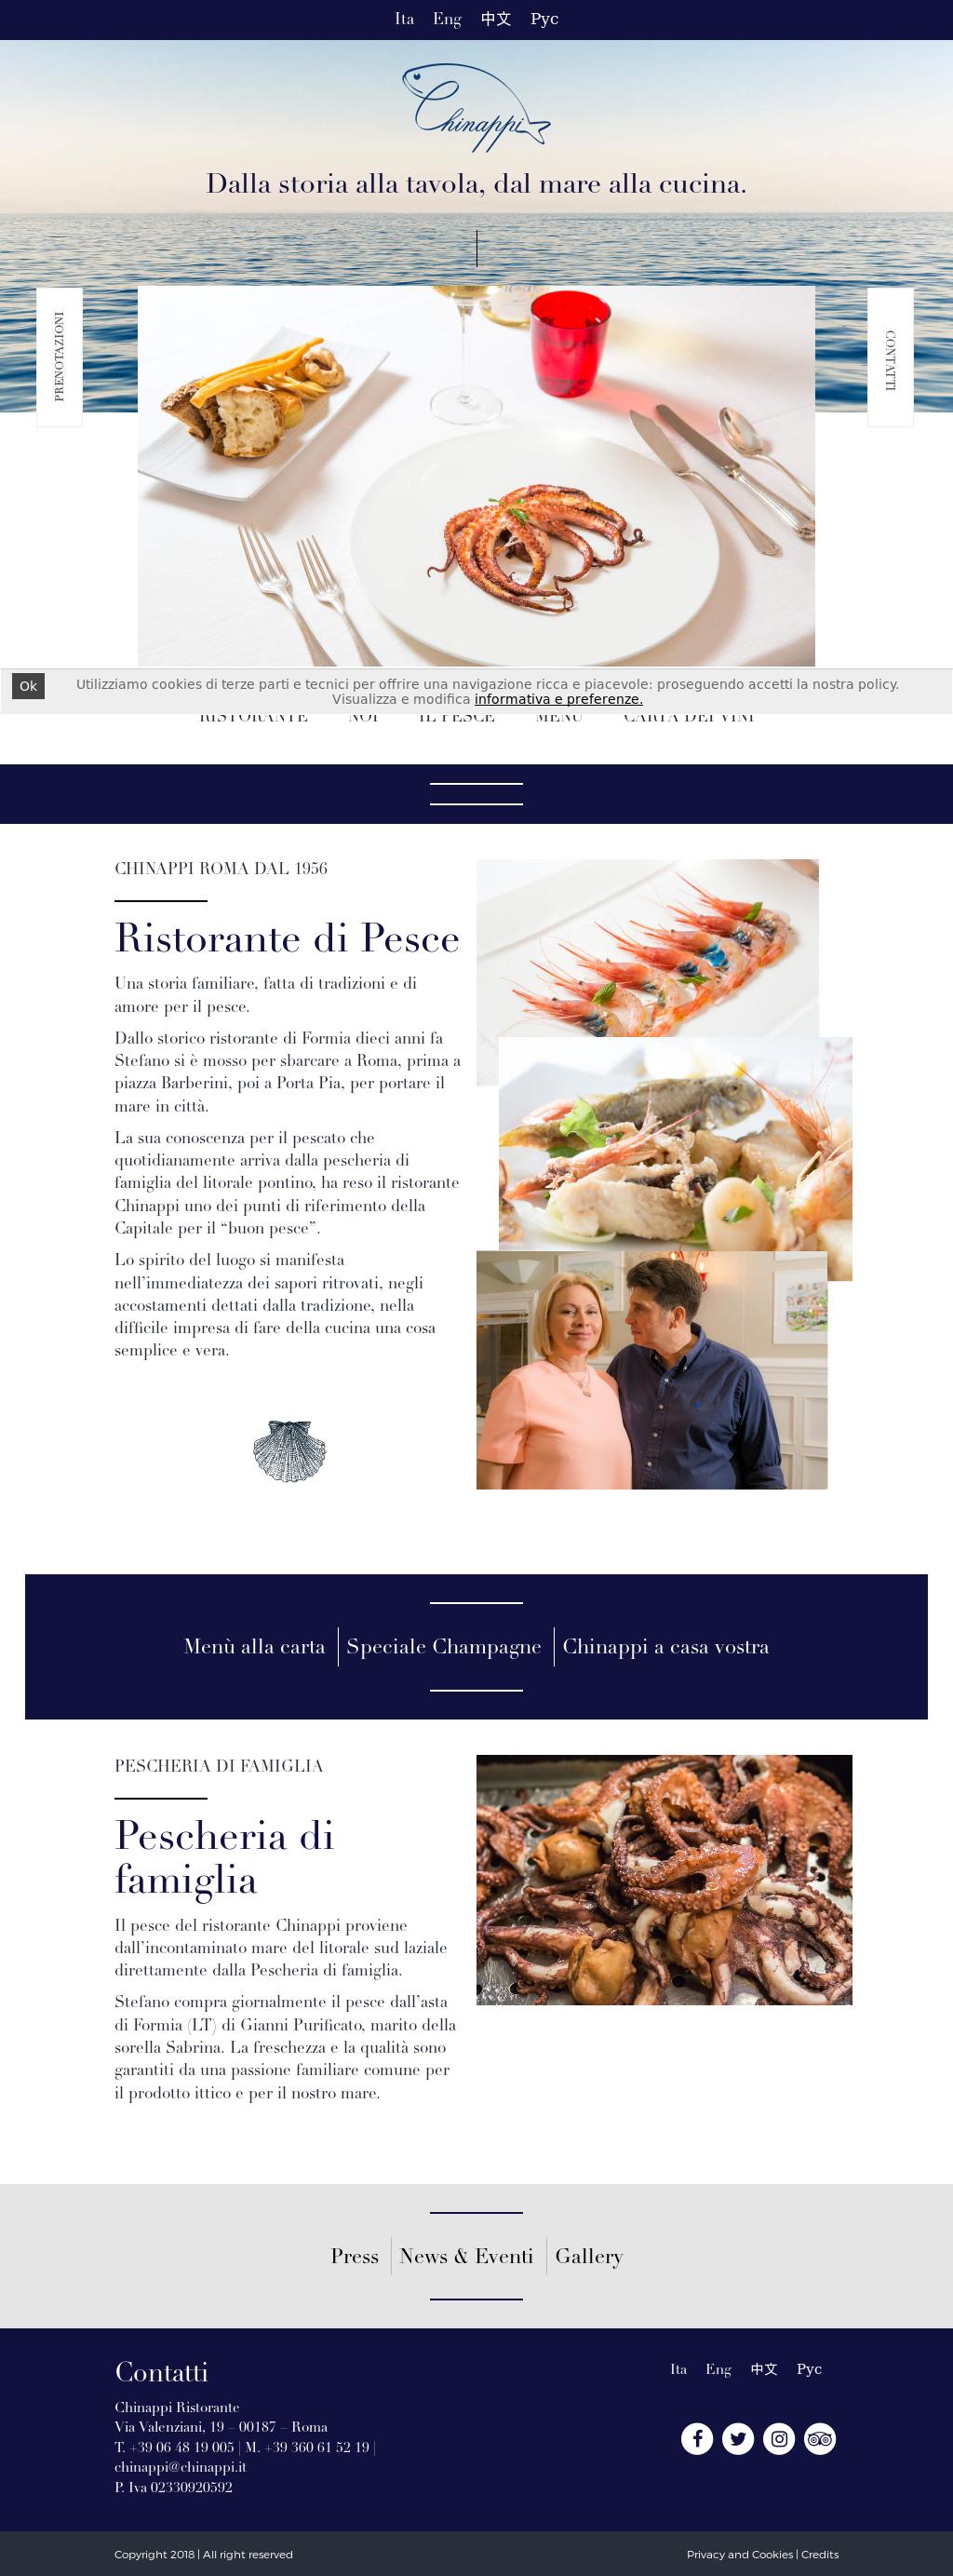 Accostamenti In Cucina ristorante chinappi roma competitors, revenue and employees